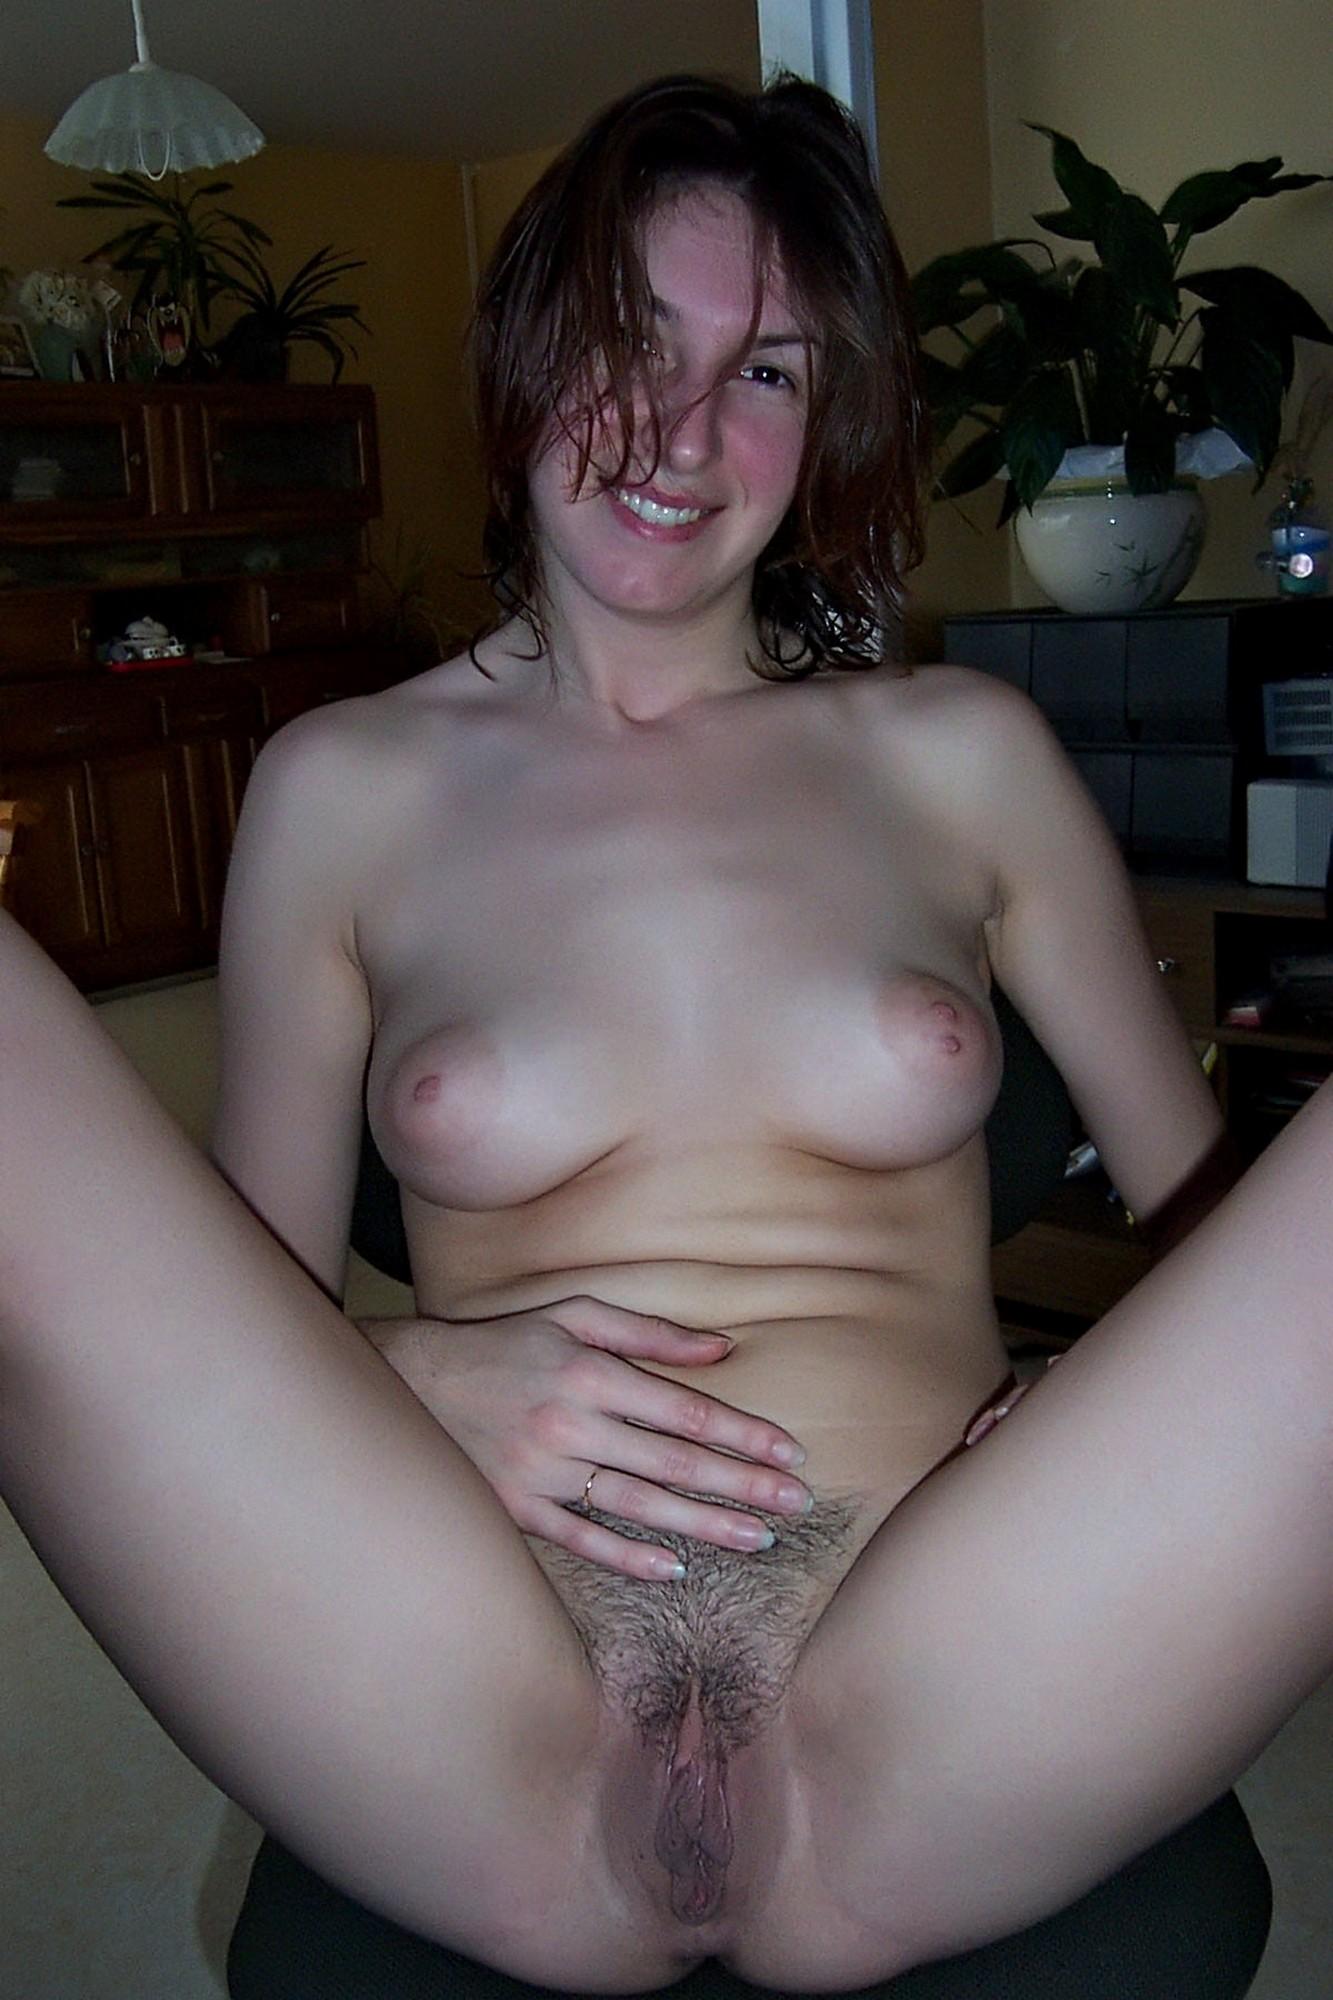 Жена в золотом браслете раздвигает ноги и показывает вагину секс фото и порно фото